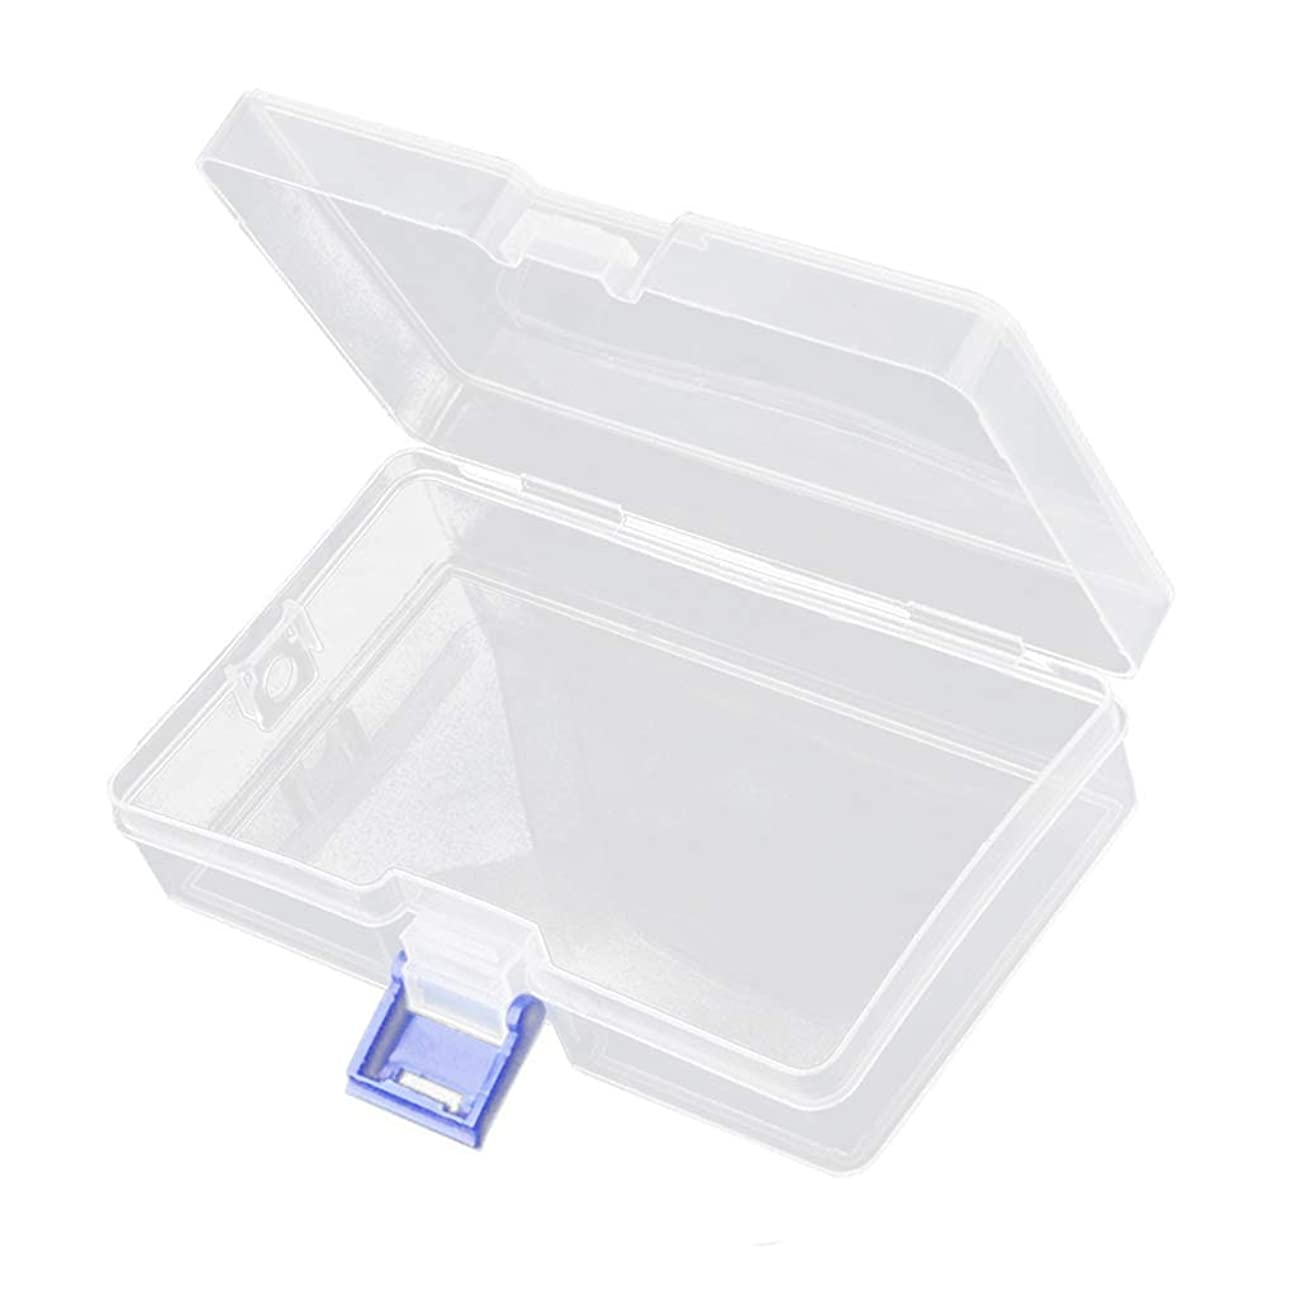 リフト吸うチップSM SunniMix 高品質アクセサリー収納 小物収納ケースボックス 透明 整理箱 小物入れ ネイルアート用品収納 ボックス